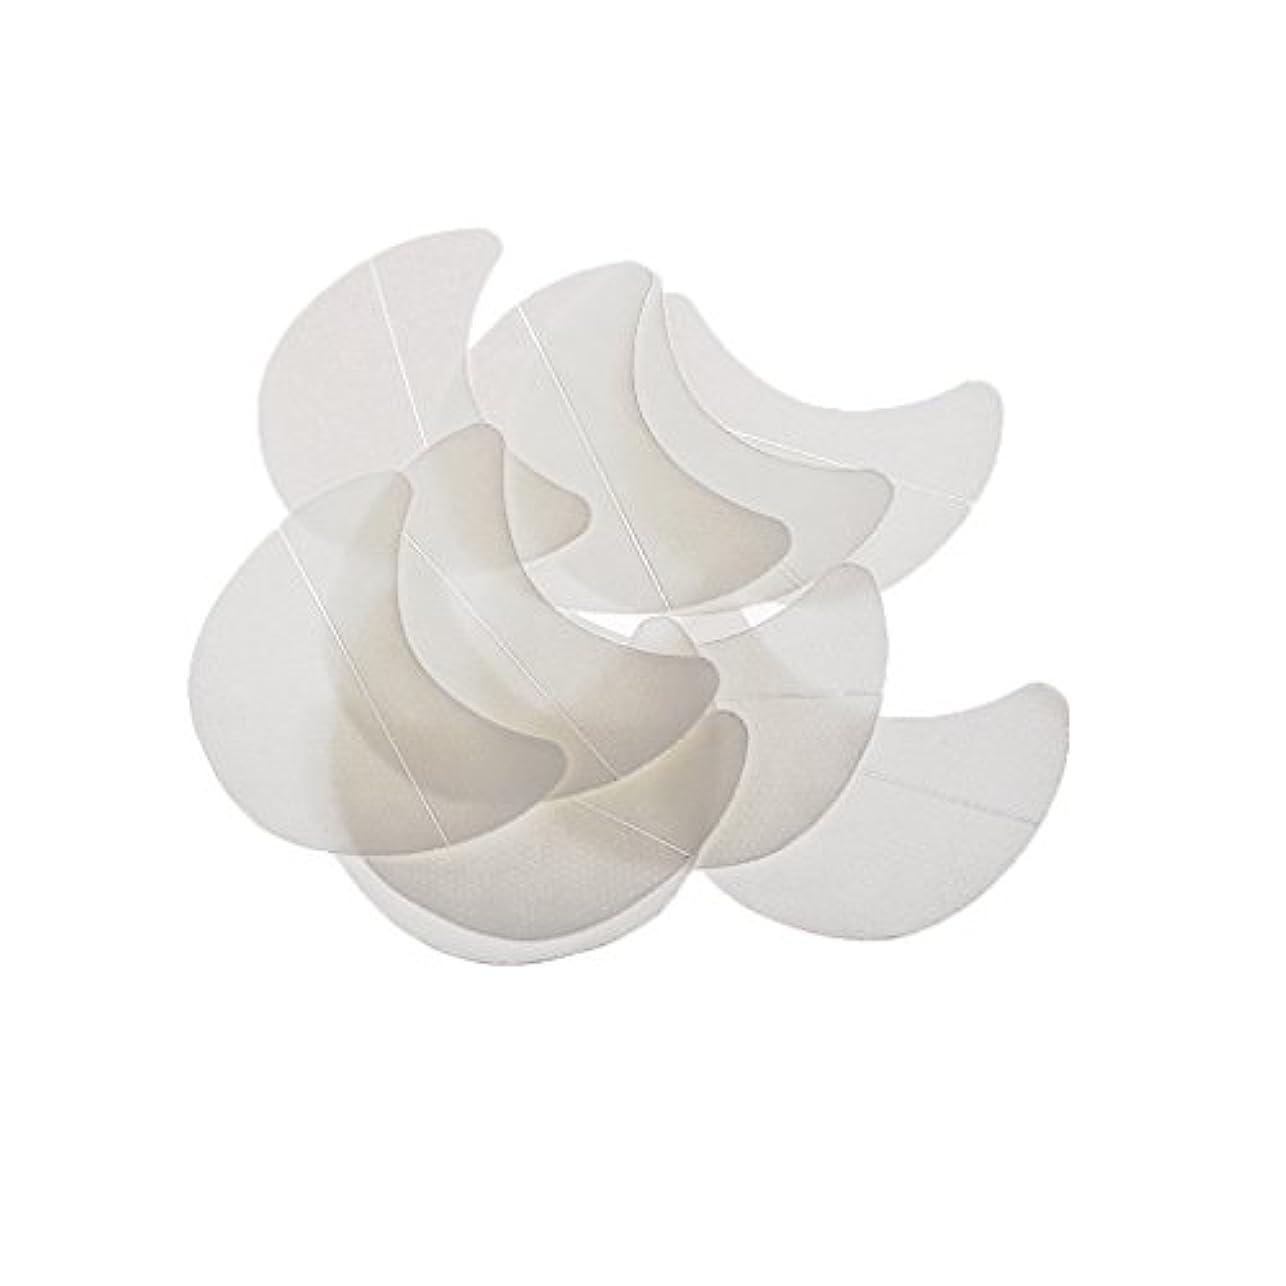 どっち飼い慣らす自殺Kimyuo アイパッドの下の10個の紙のパッチまつげエクステンションのヒントステッカーラップ化粧